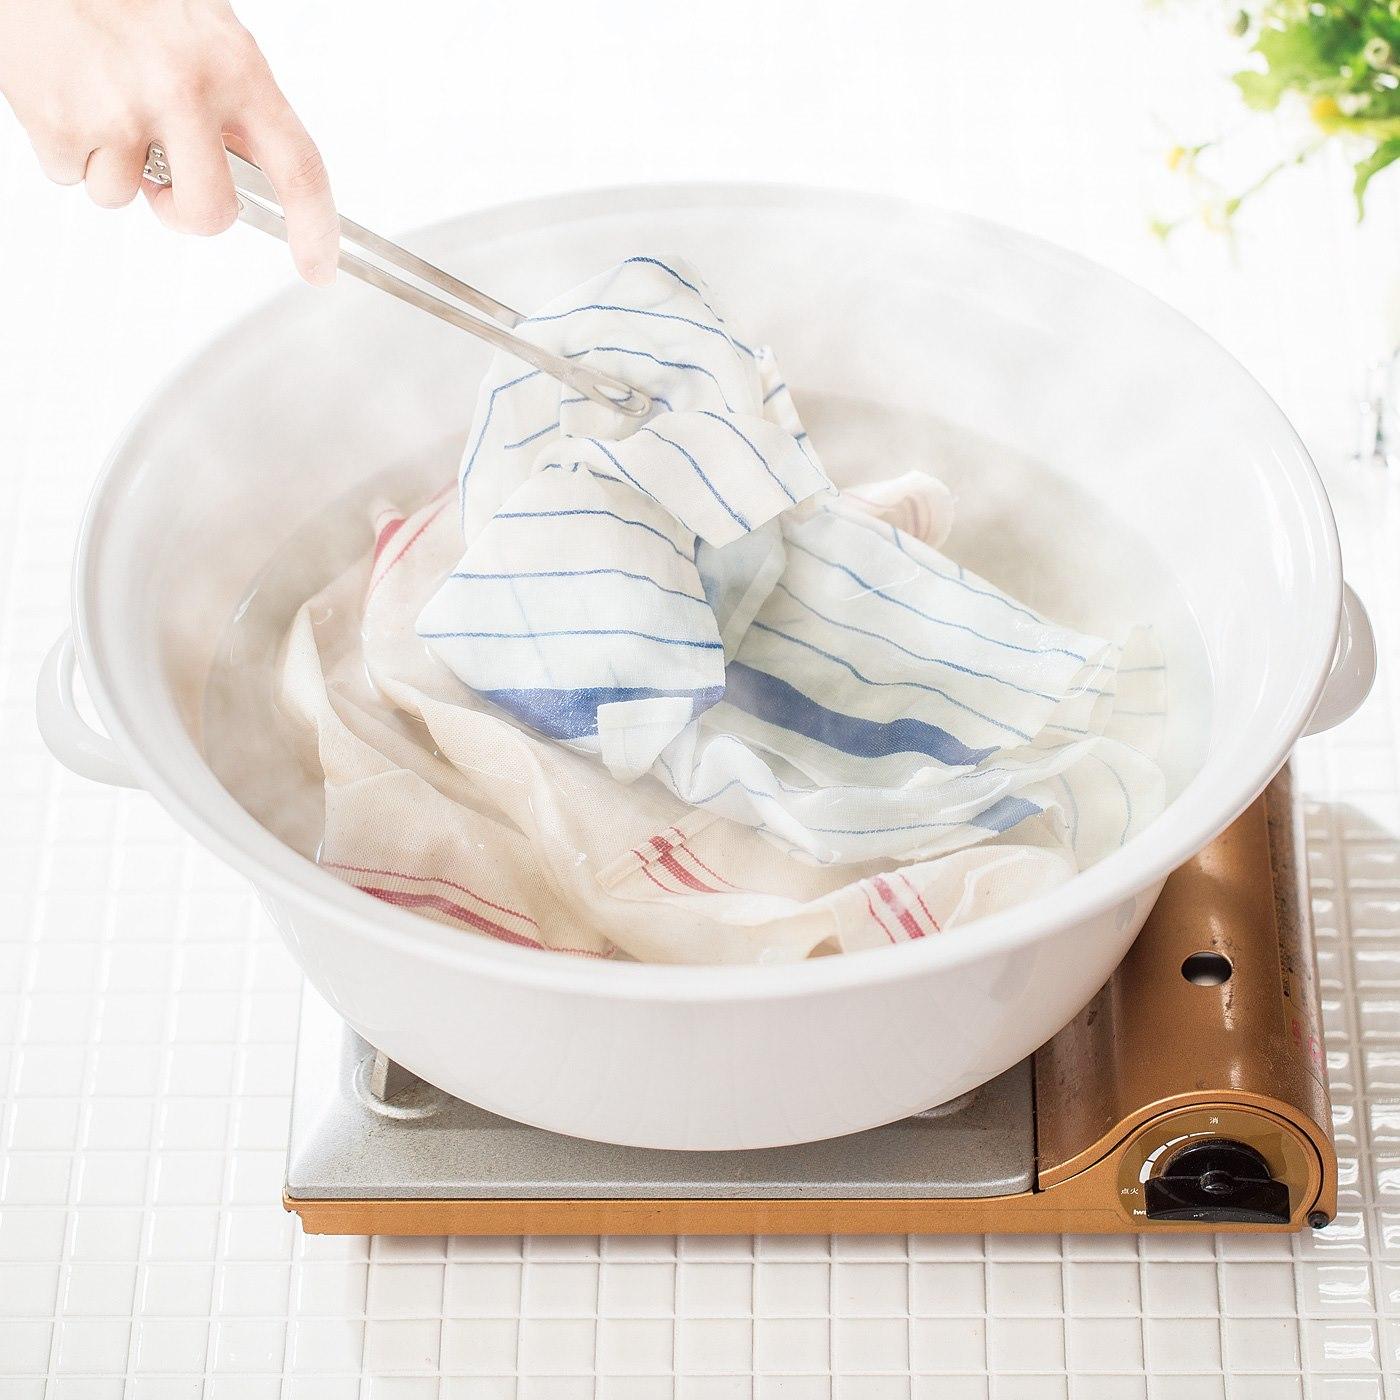 直火OKのビッグなたらい!Tシャツやふきんの煮洗いに。